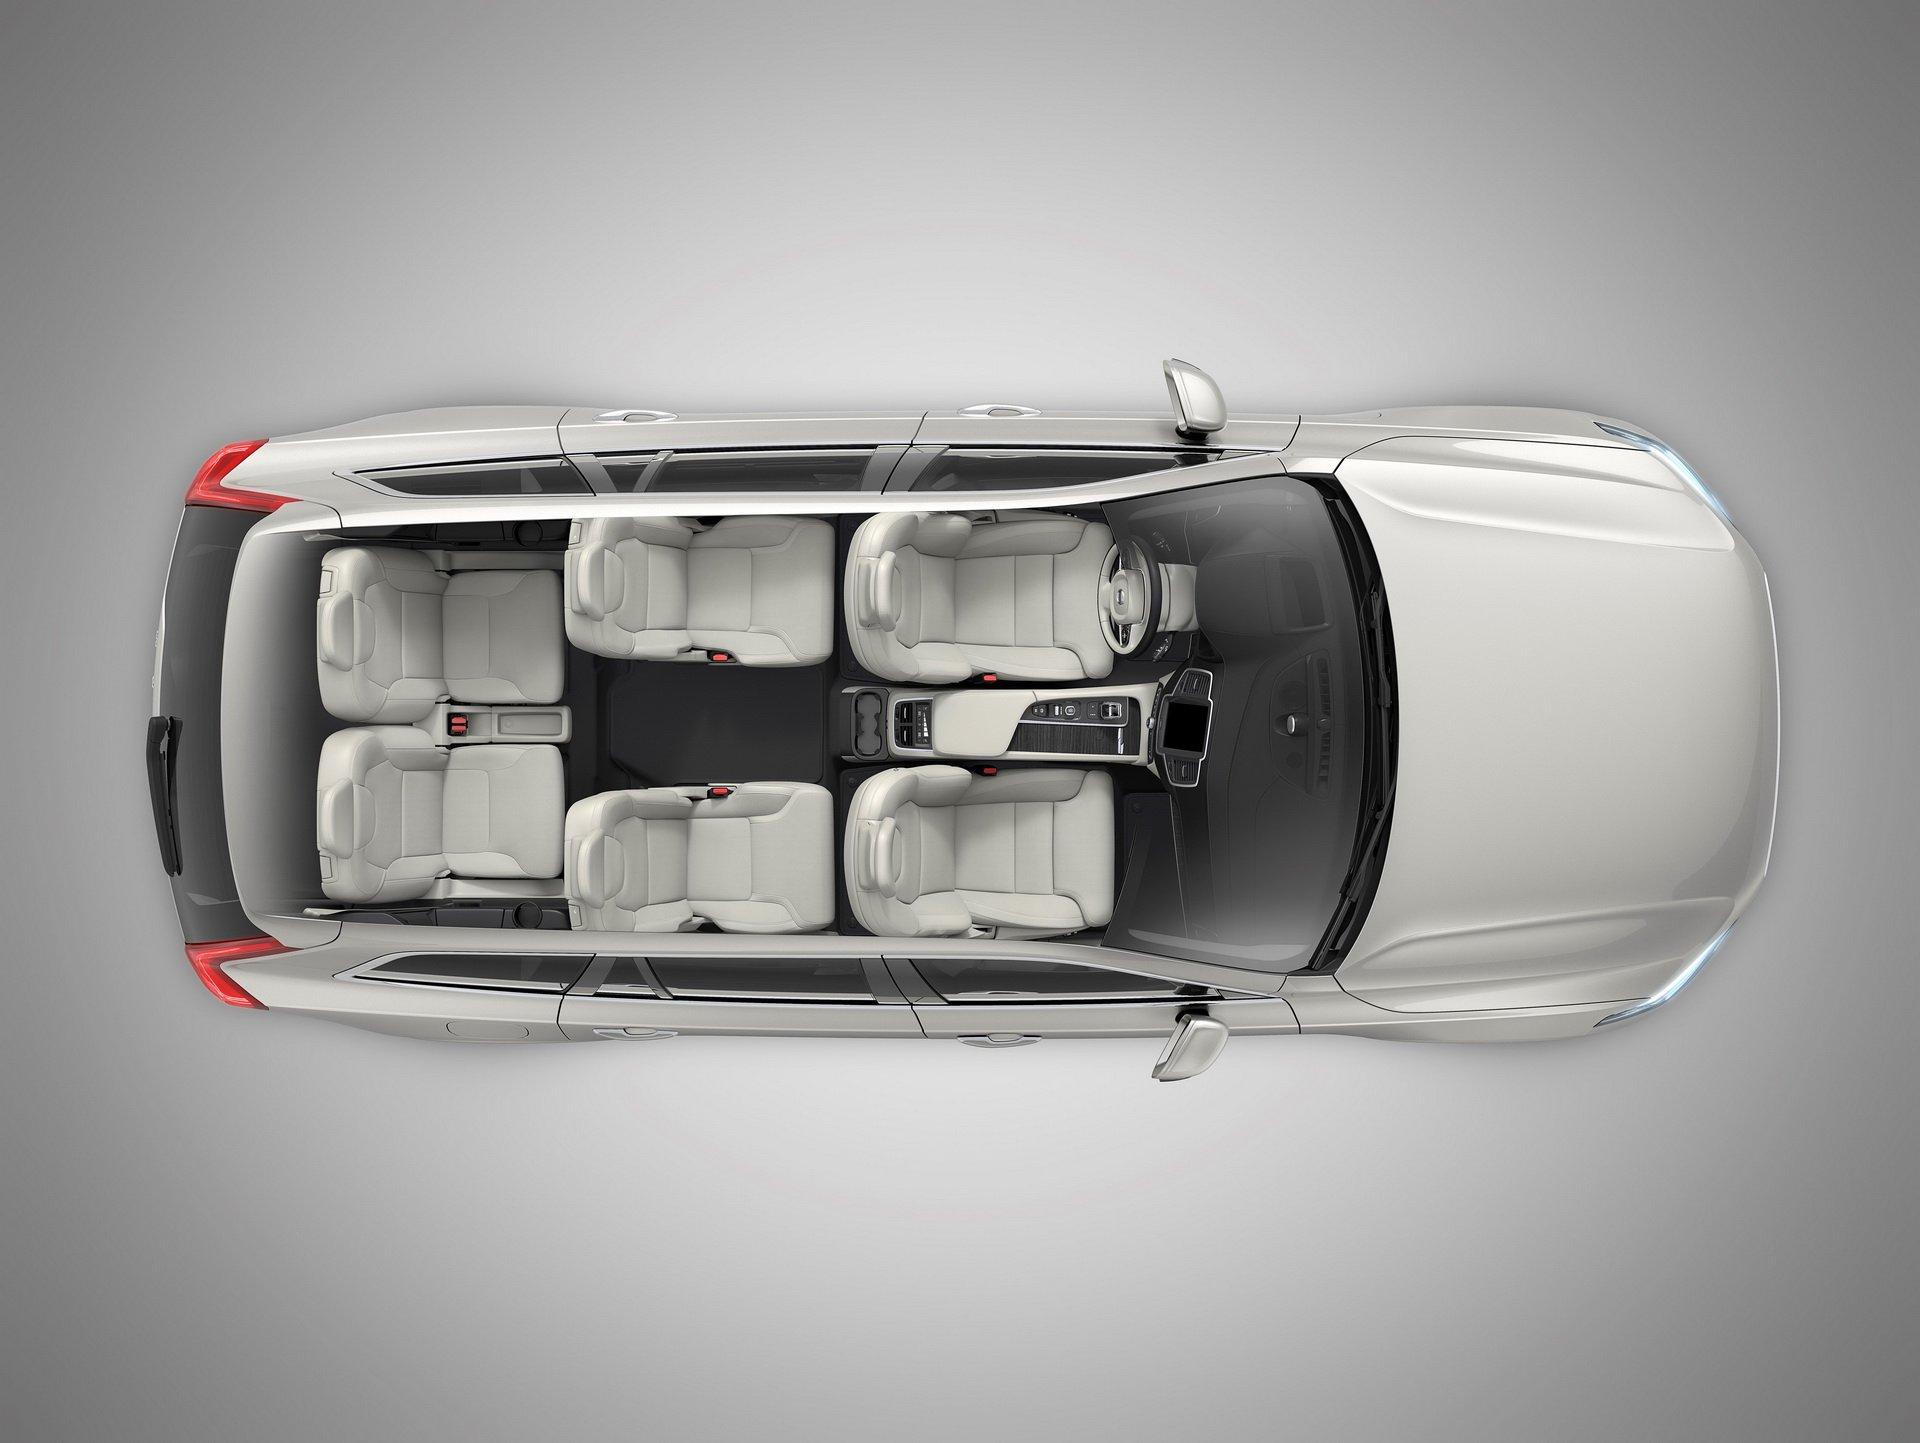 2020 Volvo XC90 seats